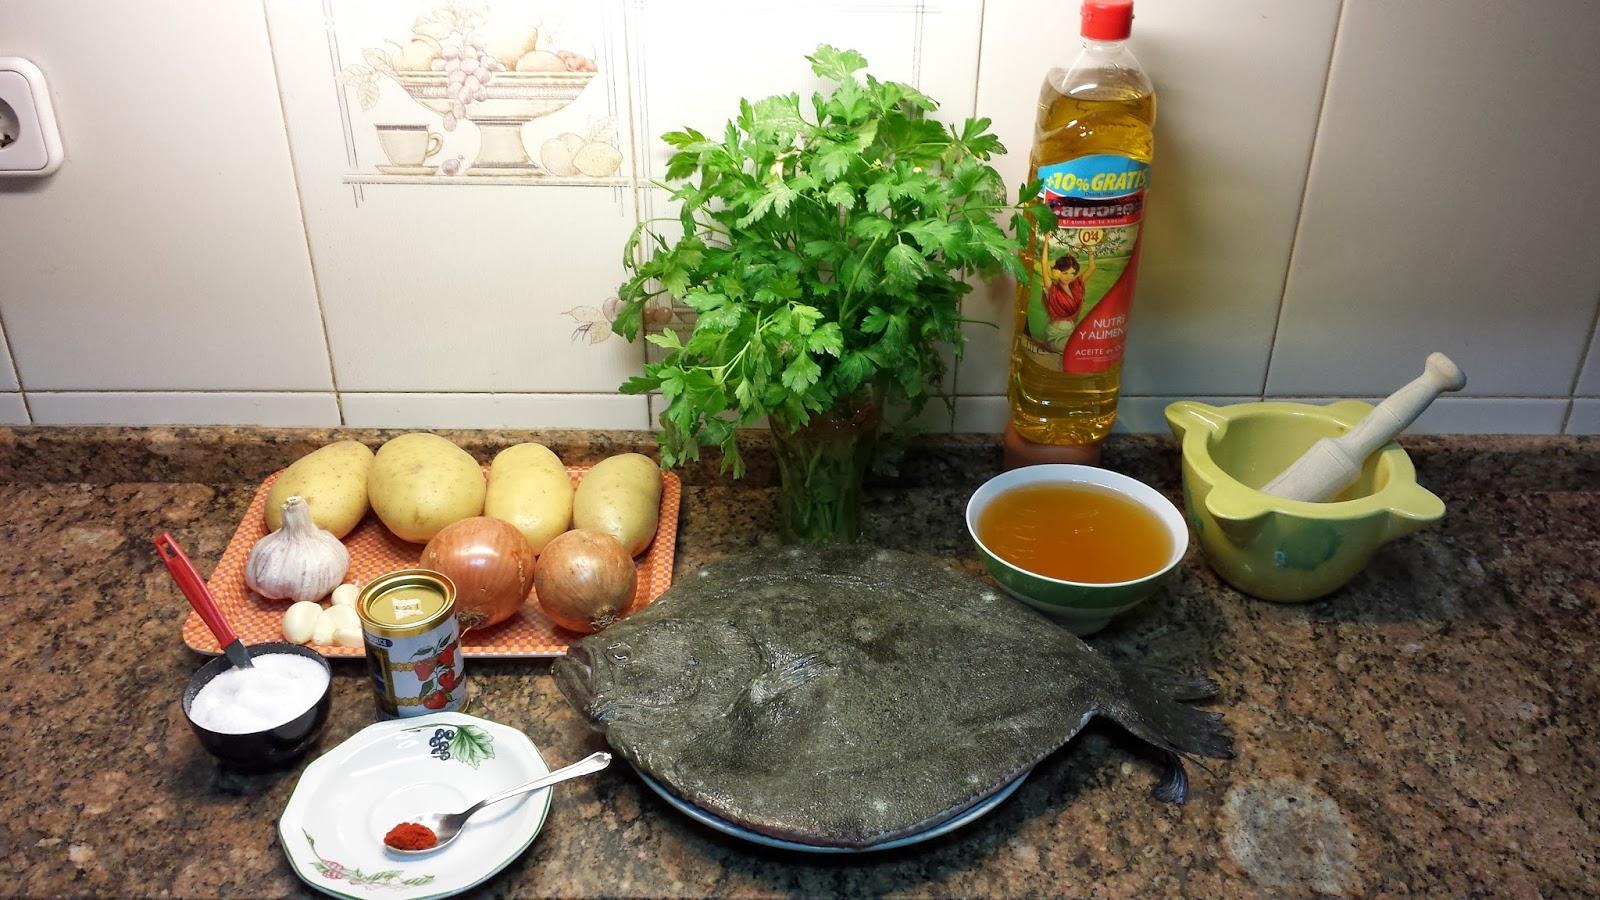 Rodaballo al horno la cocina tradicional de cambalache3 for Cocina tradicional